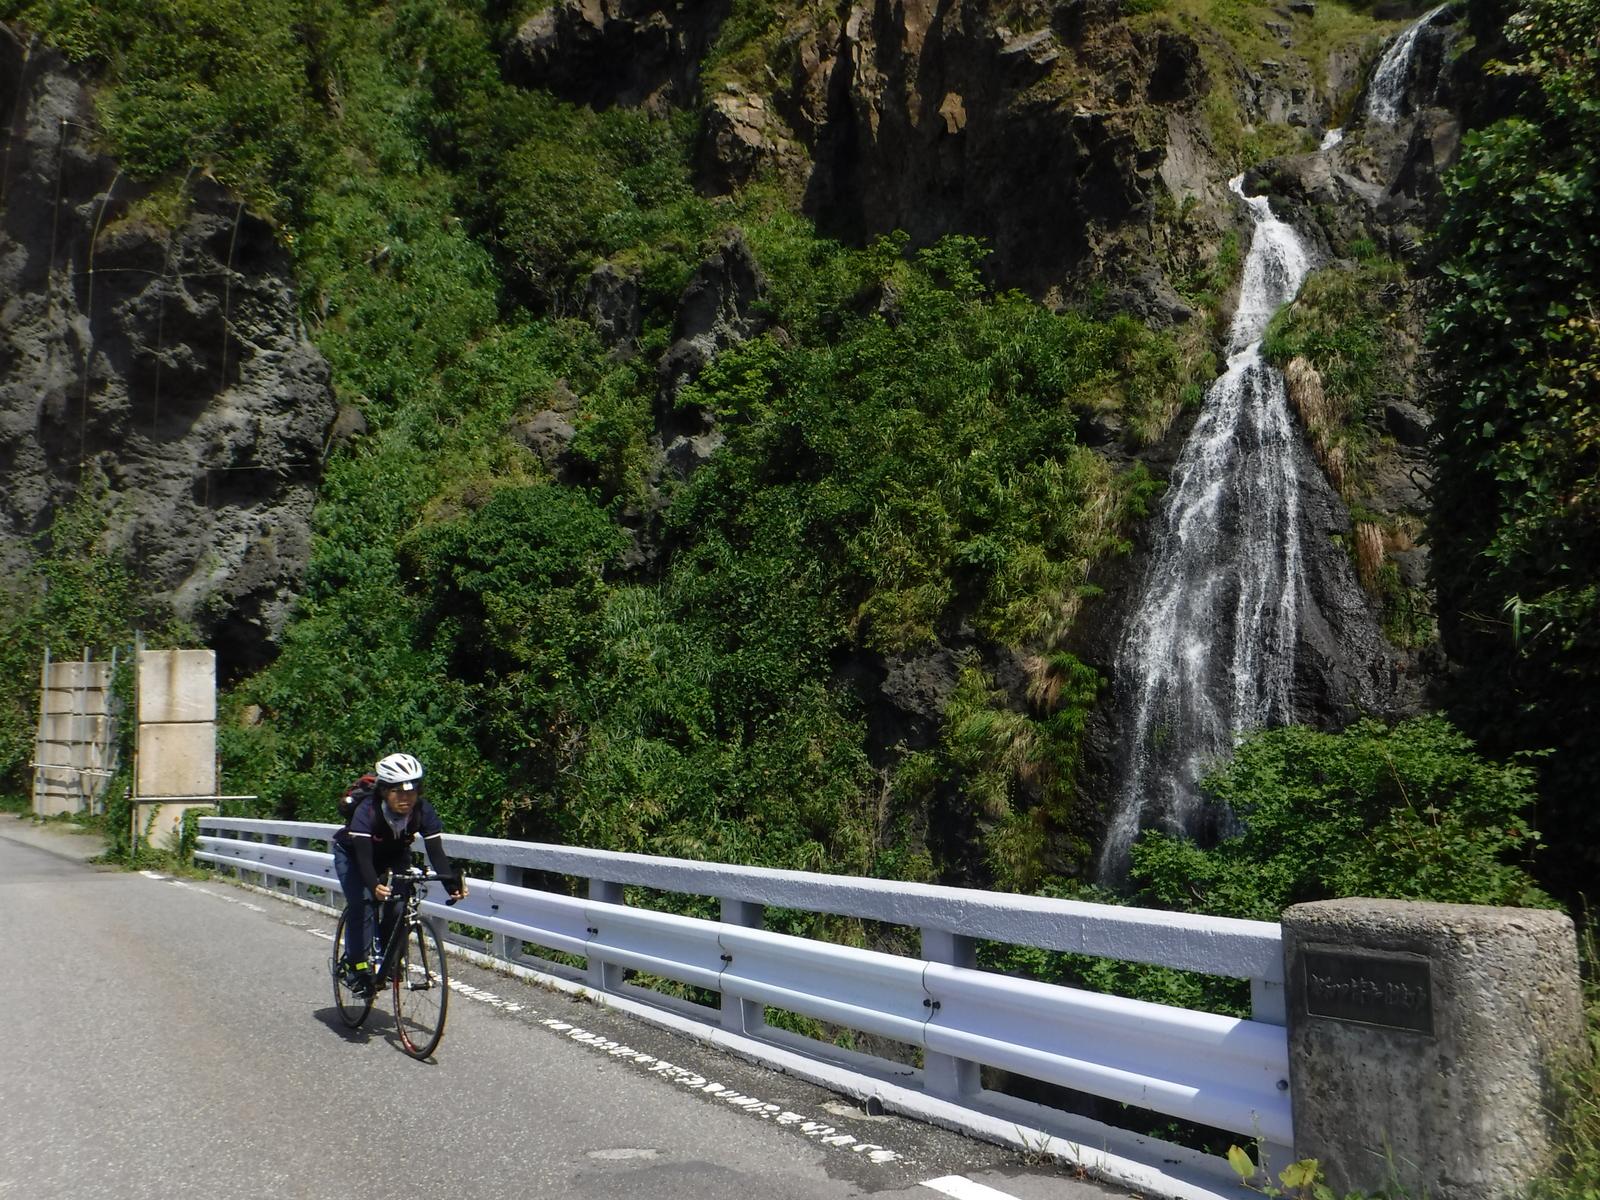 Z坂の下部、滝がある 標高50m程度